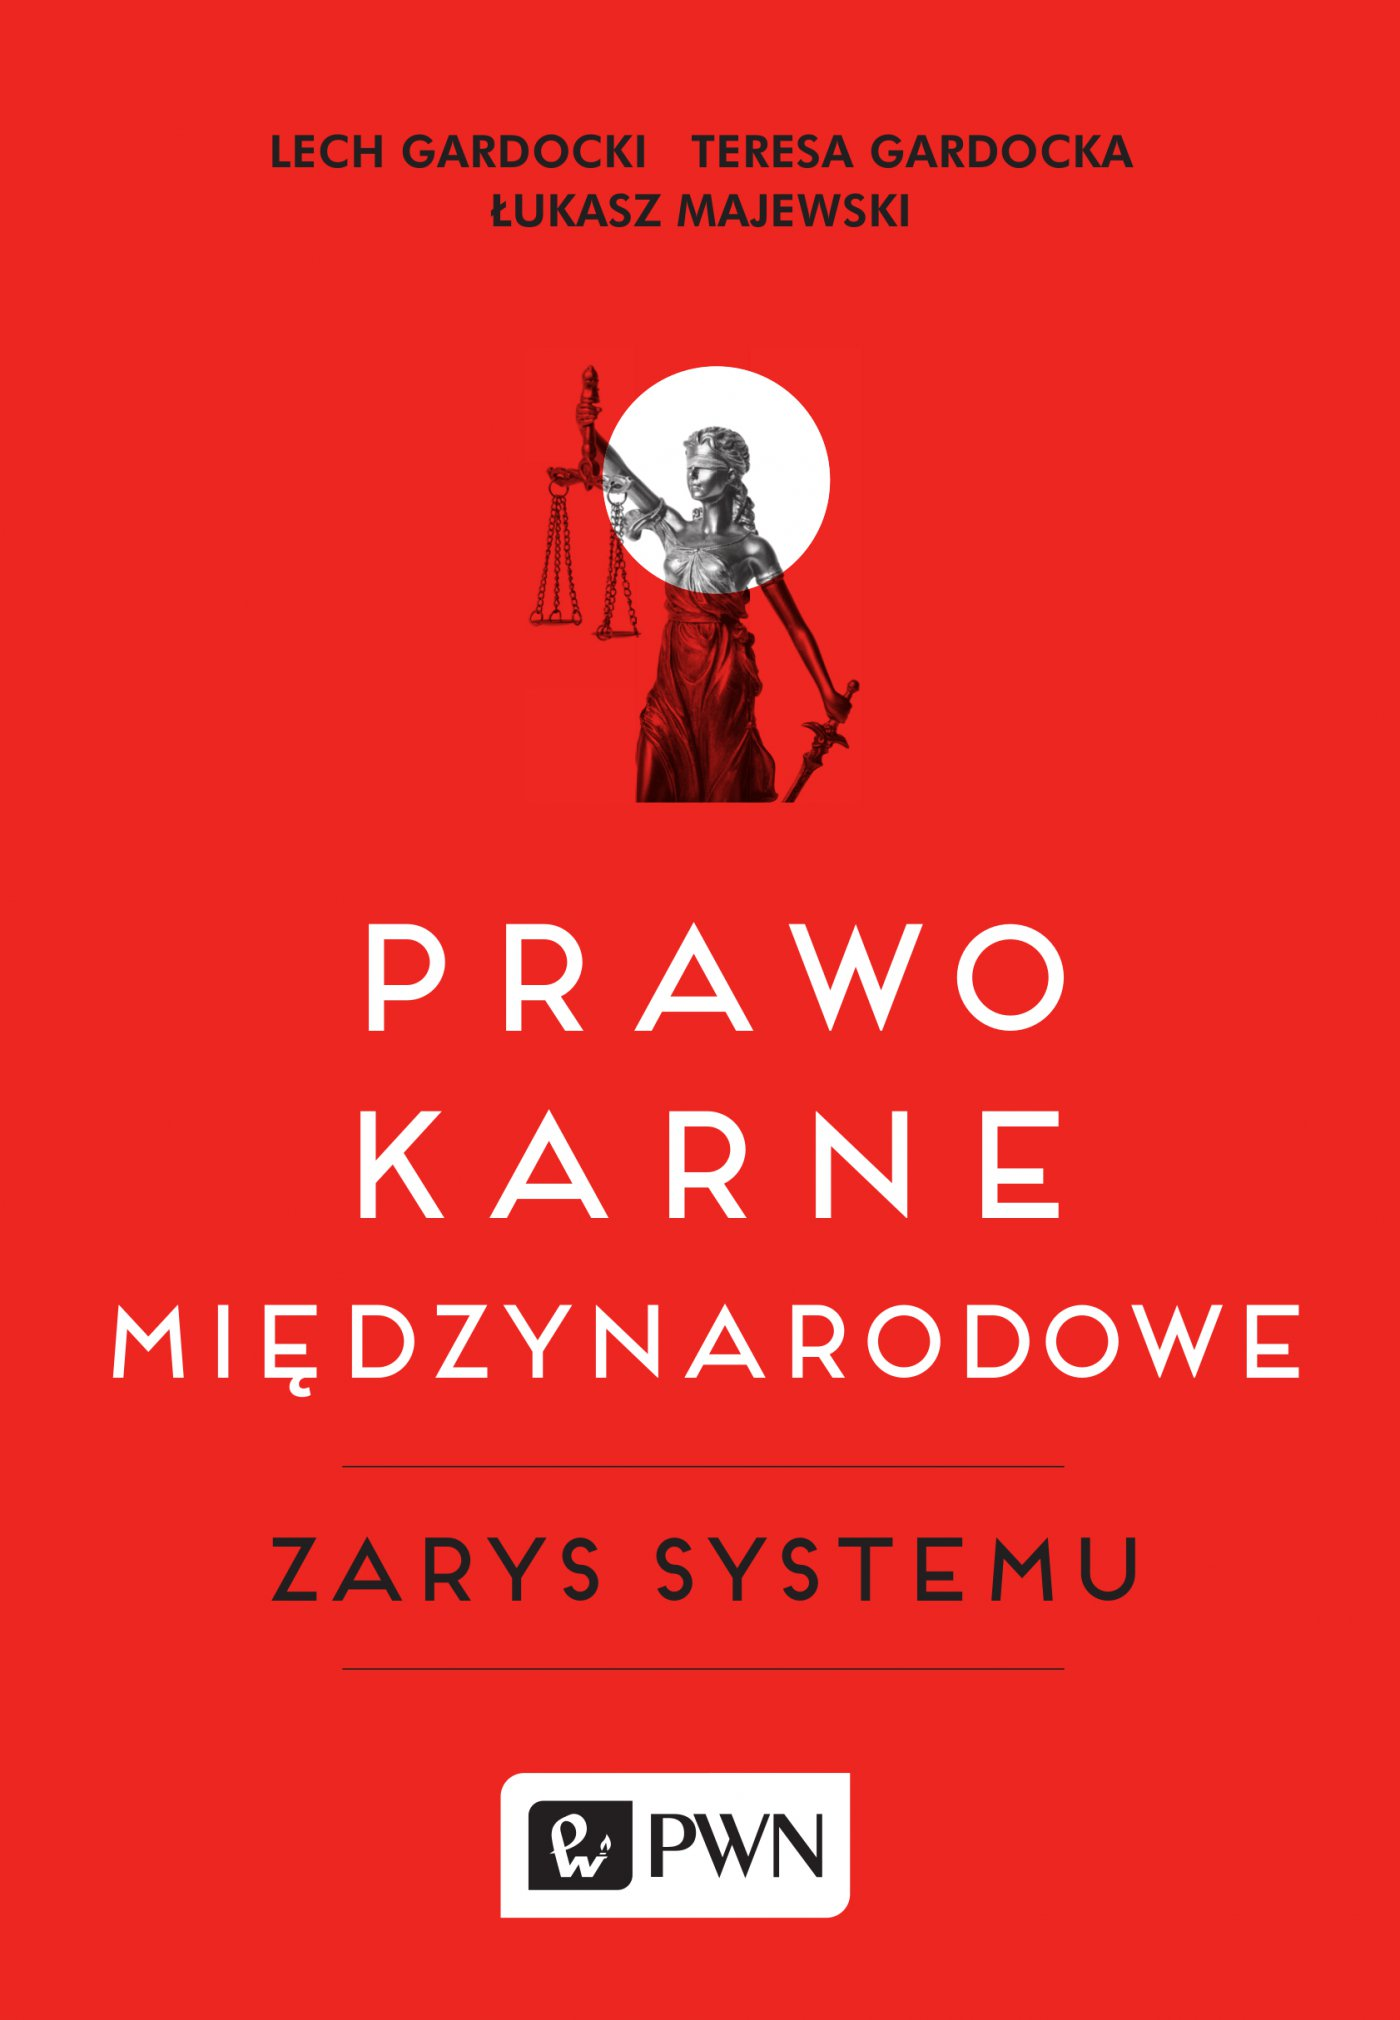 Prawo karne międzynarodowe zarys systemu - Ebook (Książka na Kindle) do pobrania w formacie MOBI